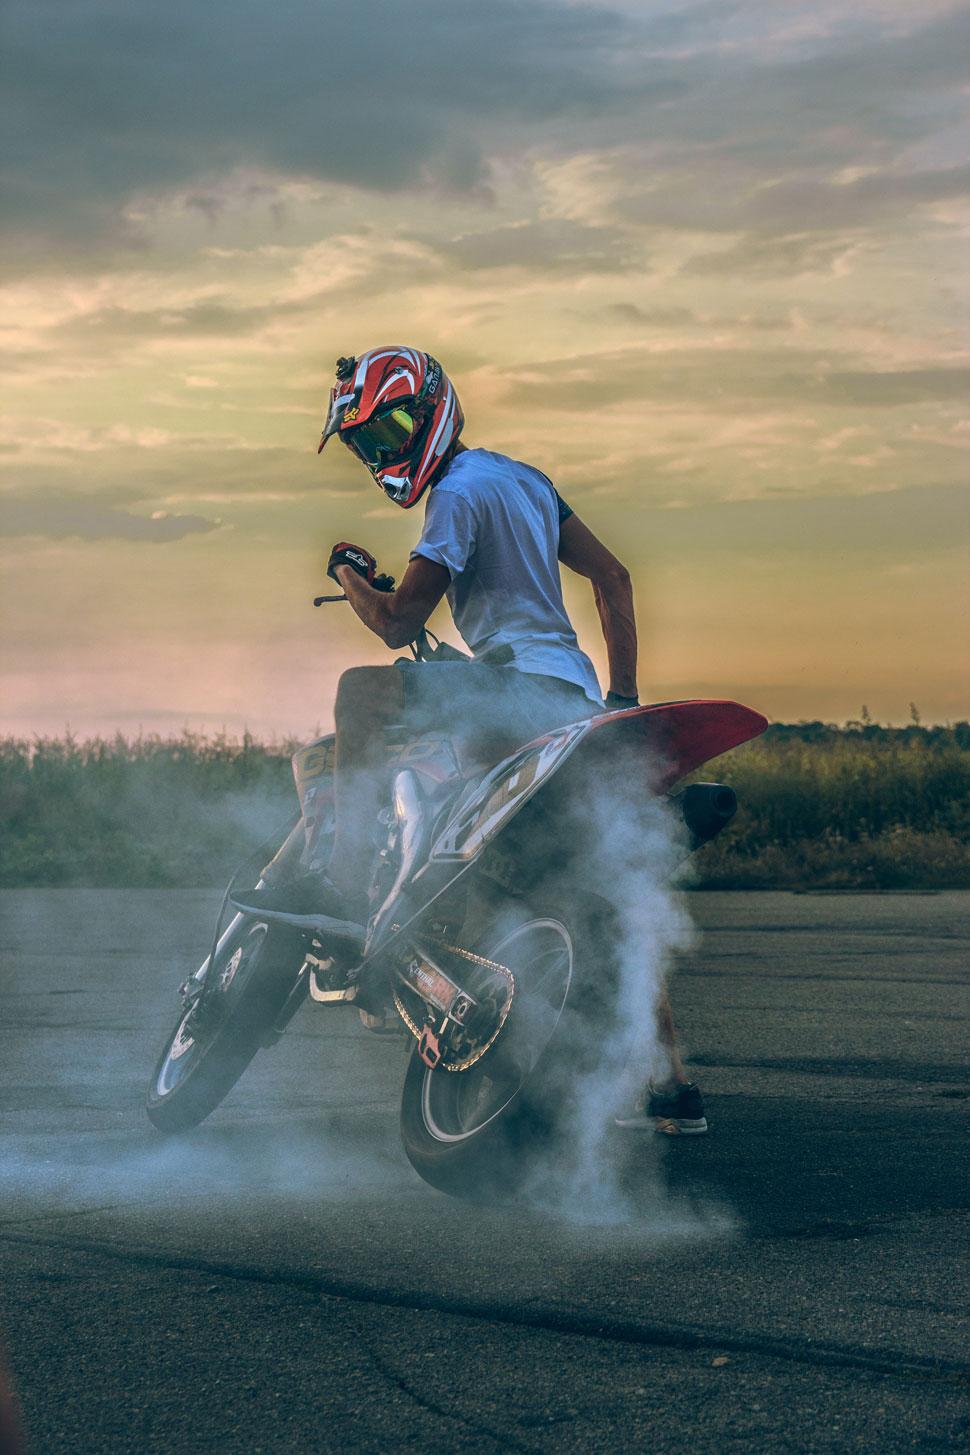 Plakaty dla miłośników motoryzacji - Zdjęcie główne